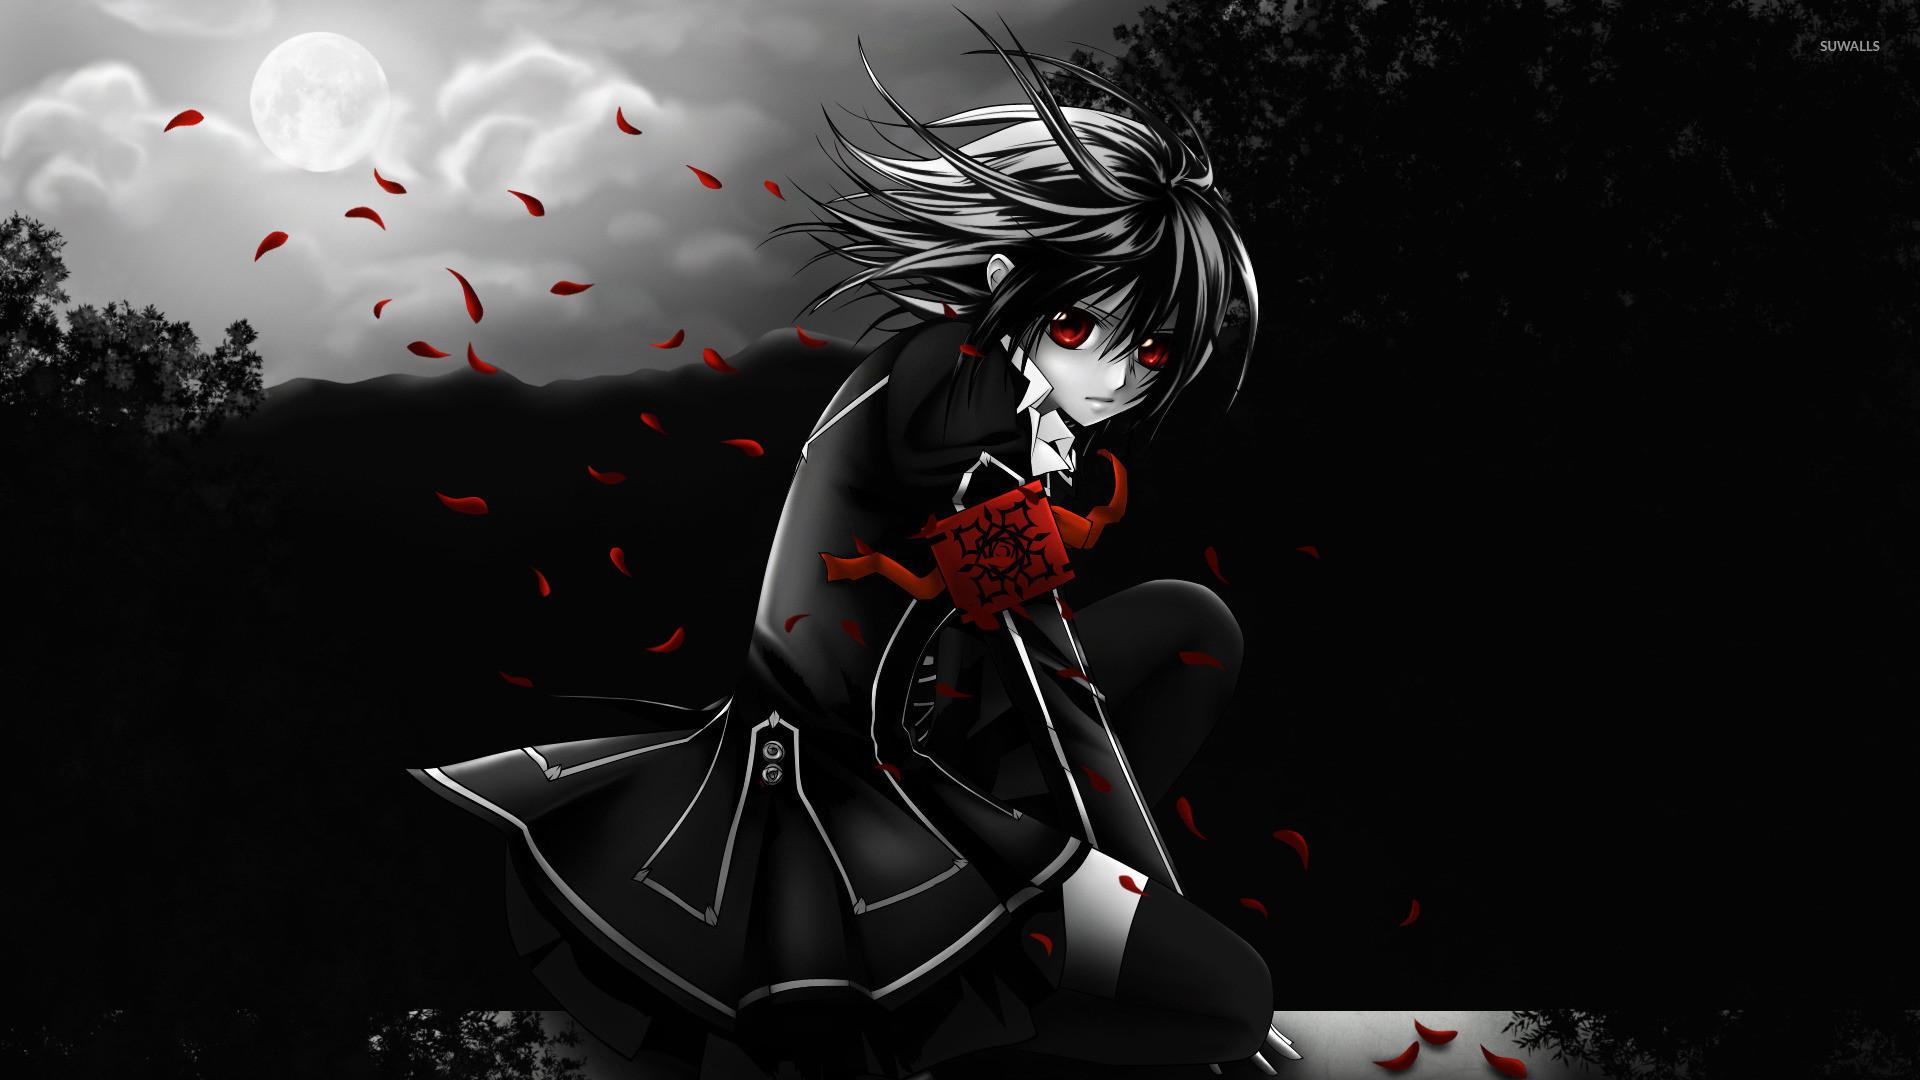 Vampire Wallpaper Desktop Hd Vampire Knight ...